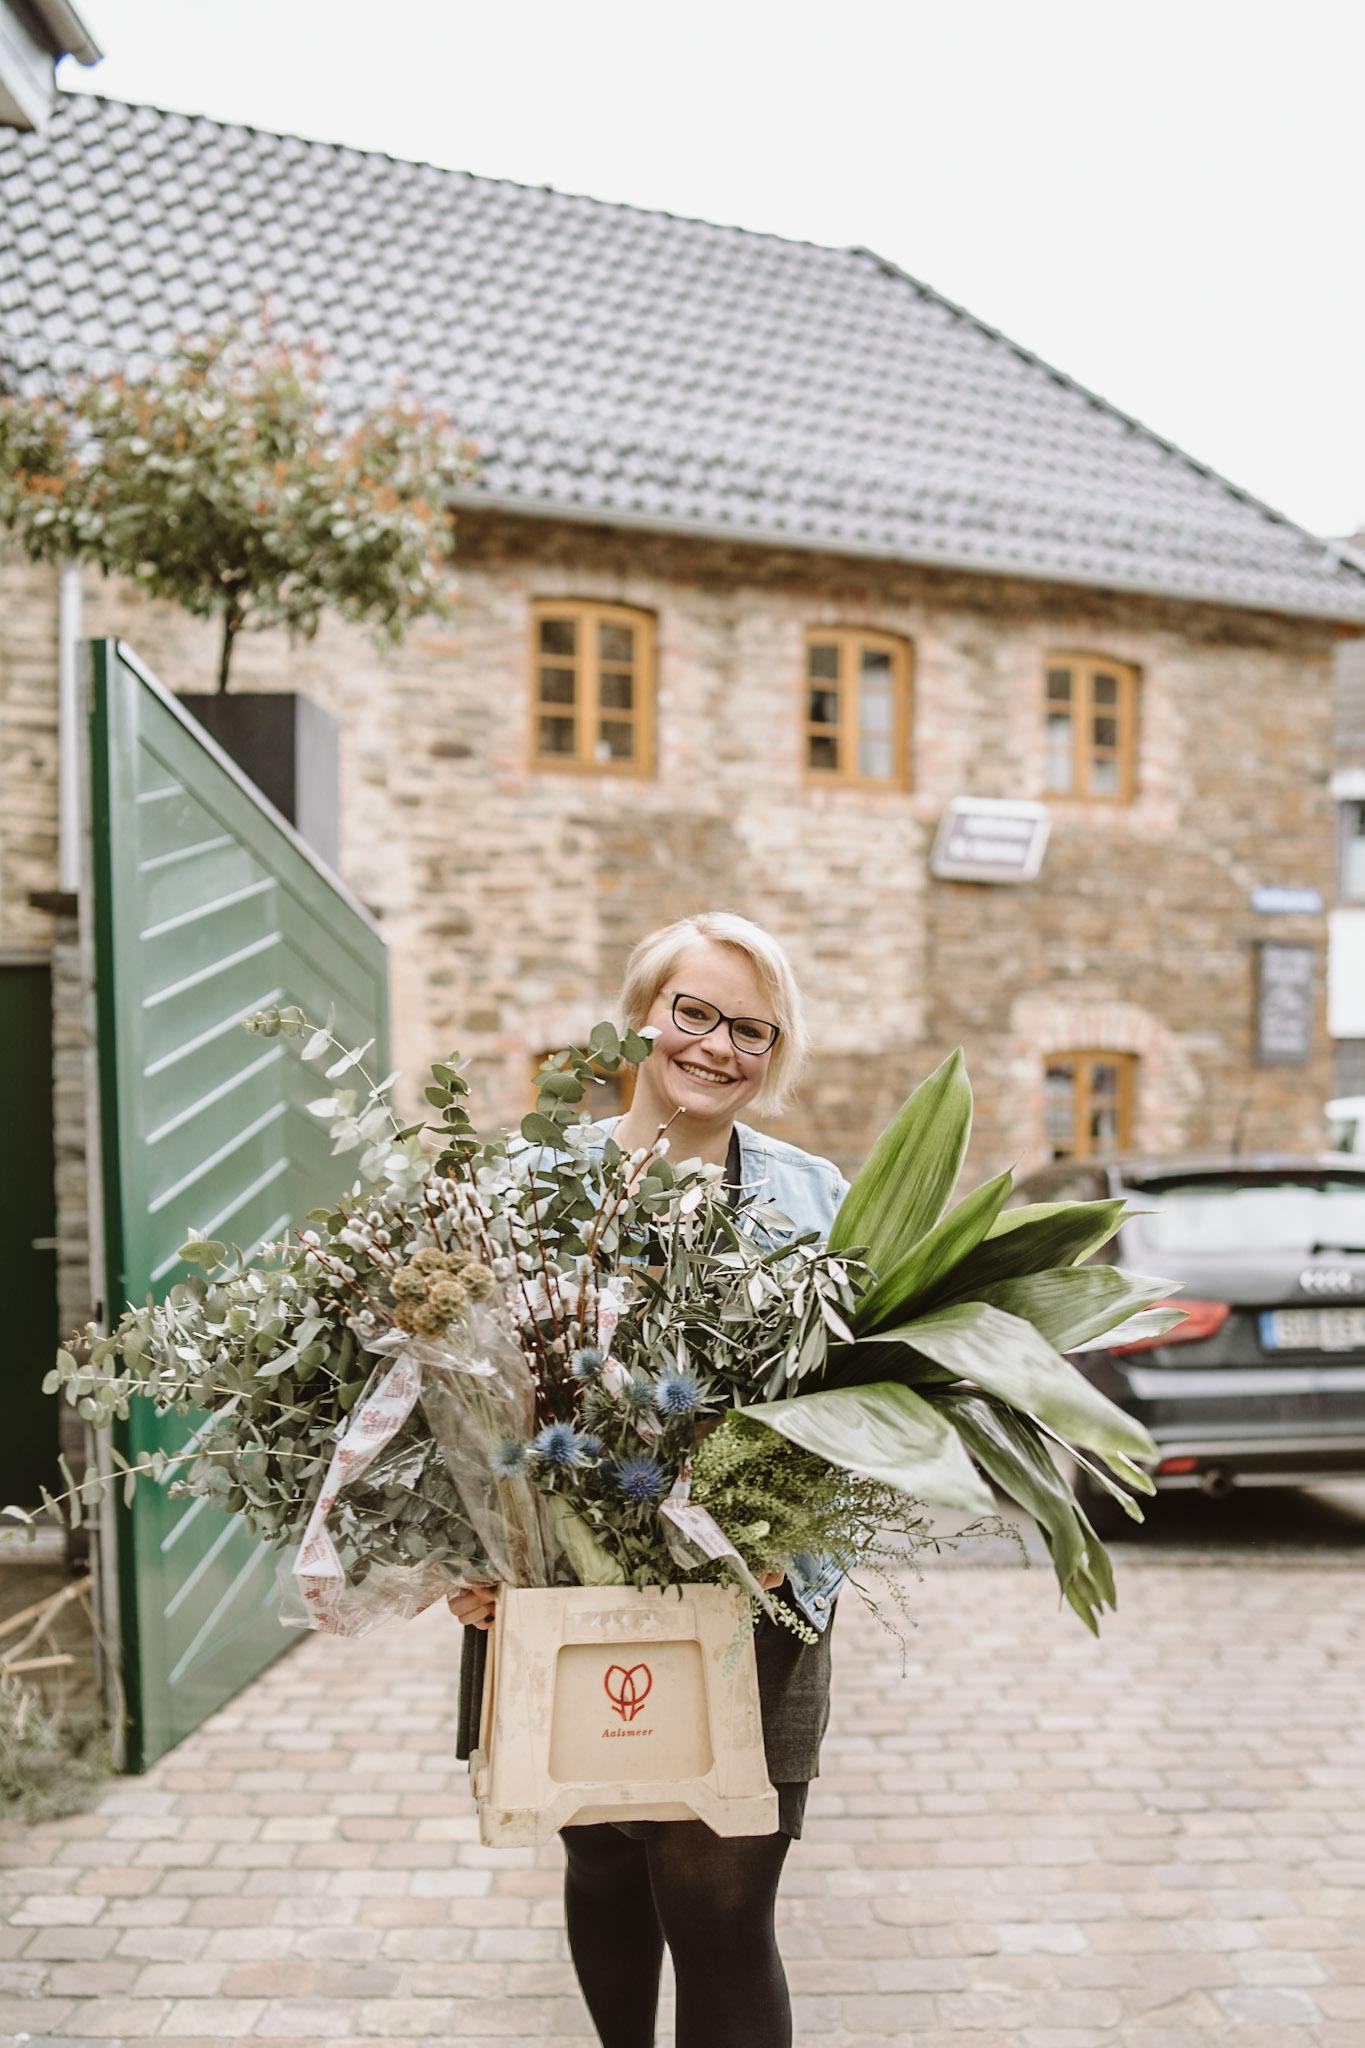 Styled Shooting, Winterhochzeit, Weingut, Dekoration, Floristin, Blumen